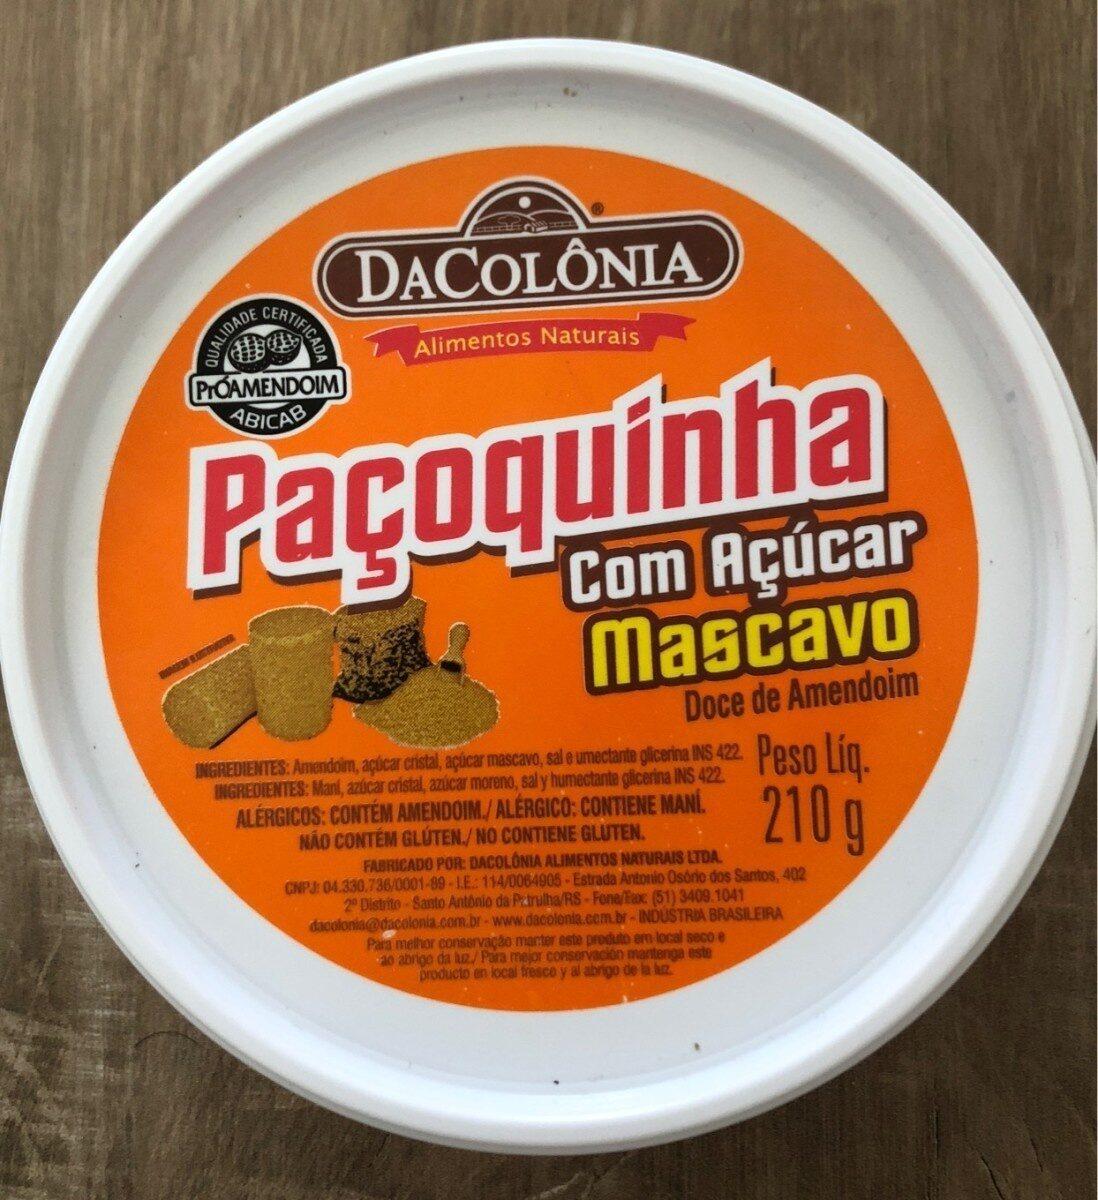 Paçoca Rolha Com Açúcar Mascavo Dacolônia 210G - Produto - fr